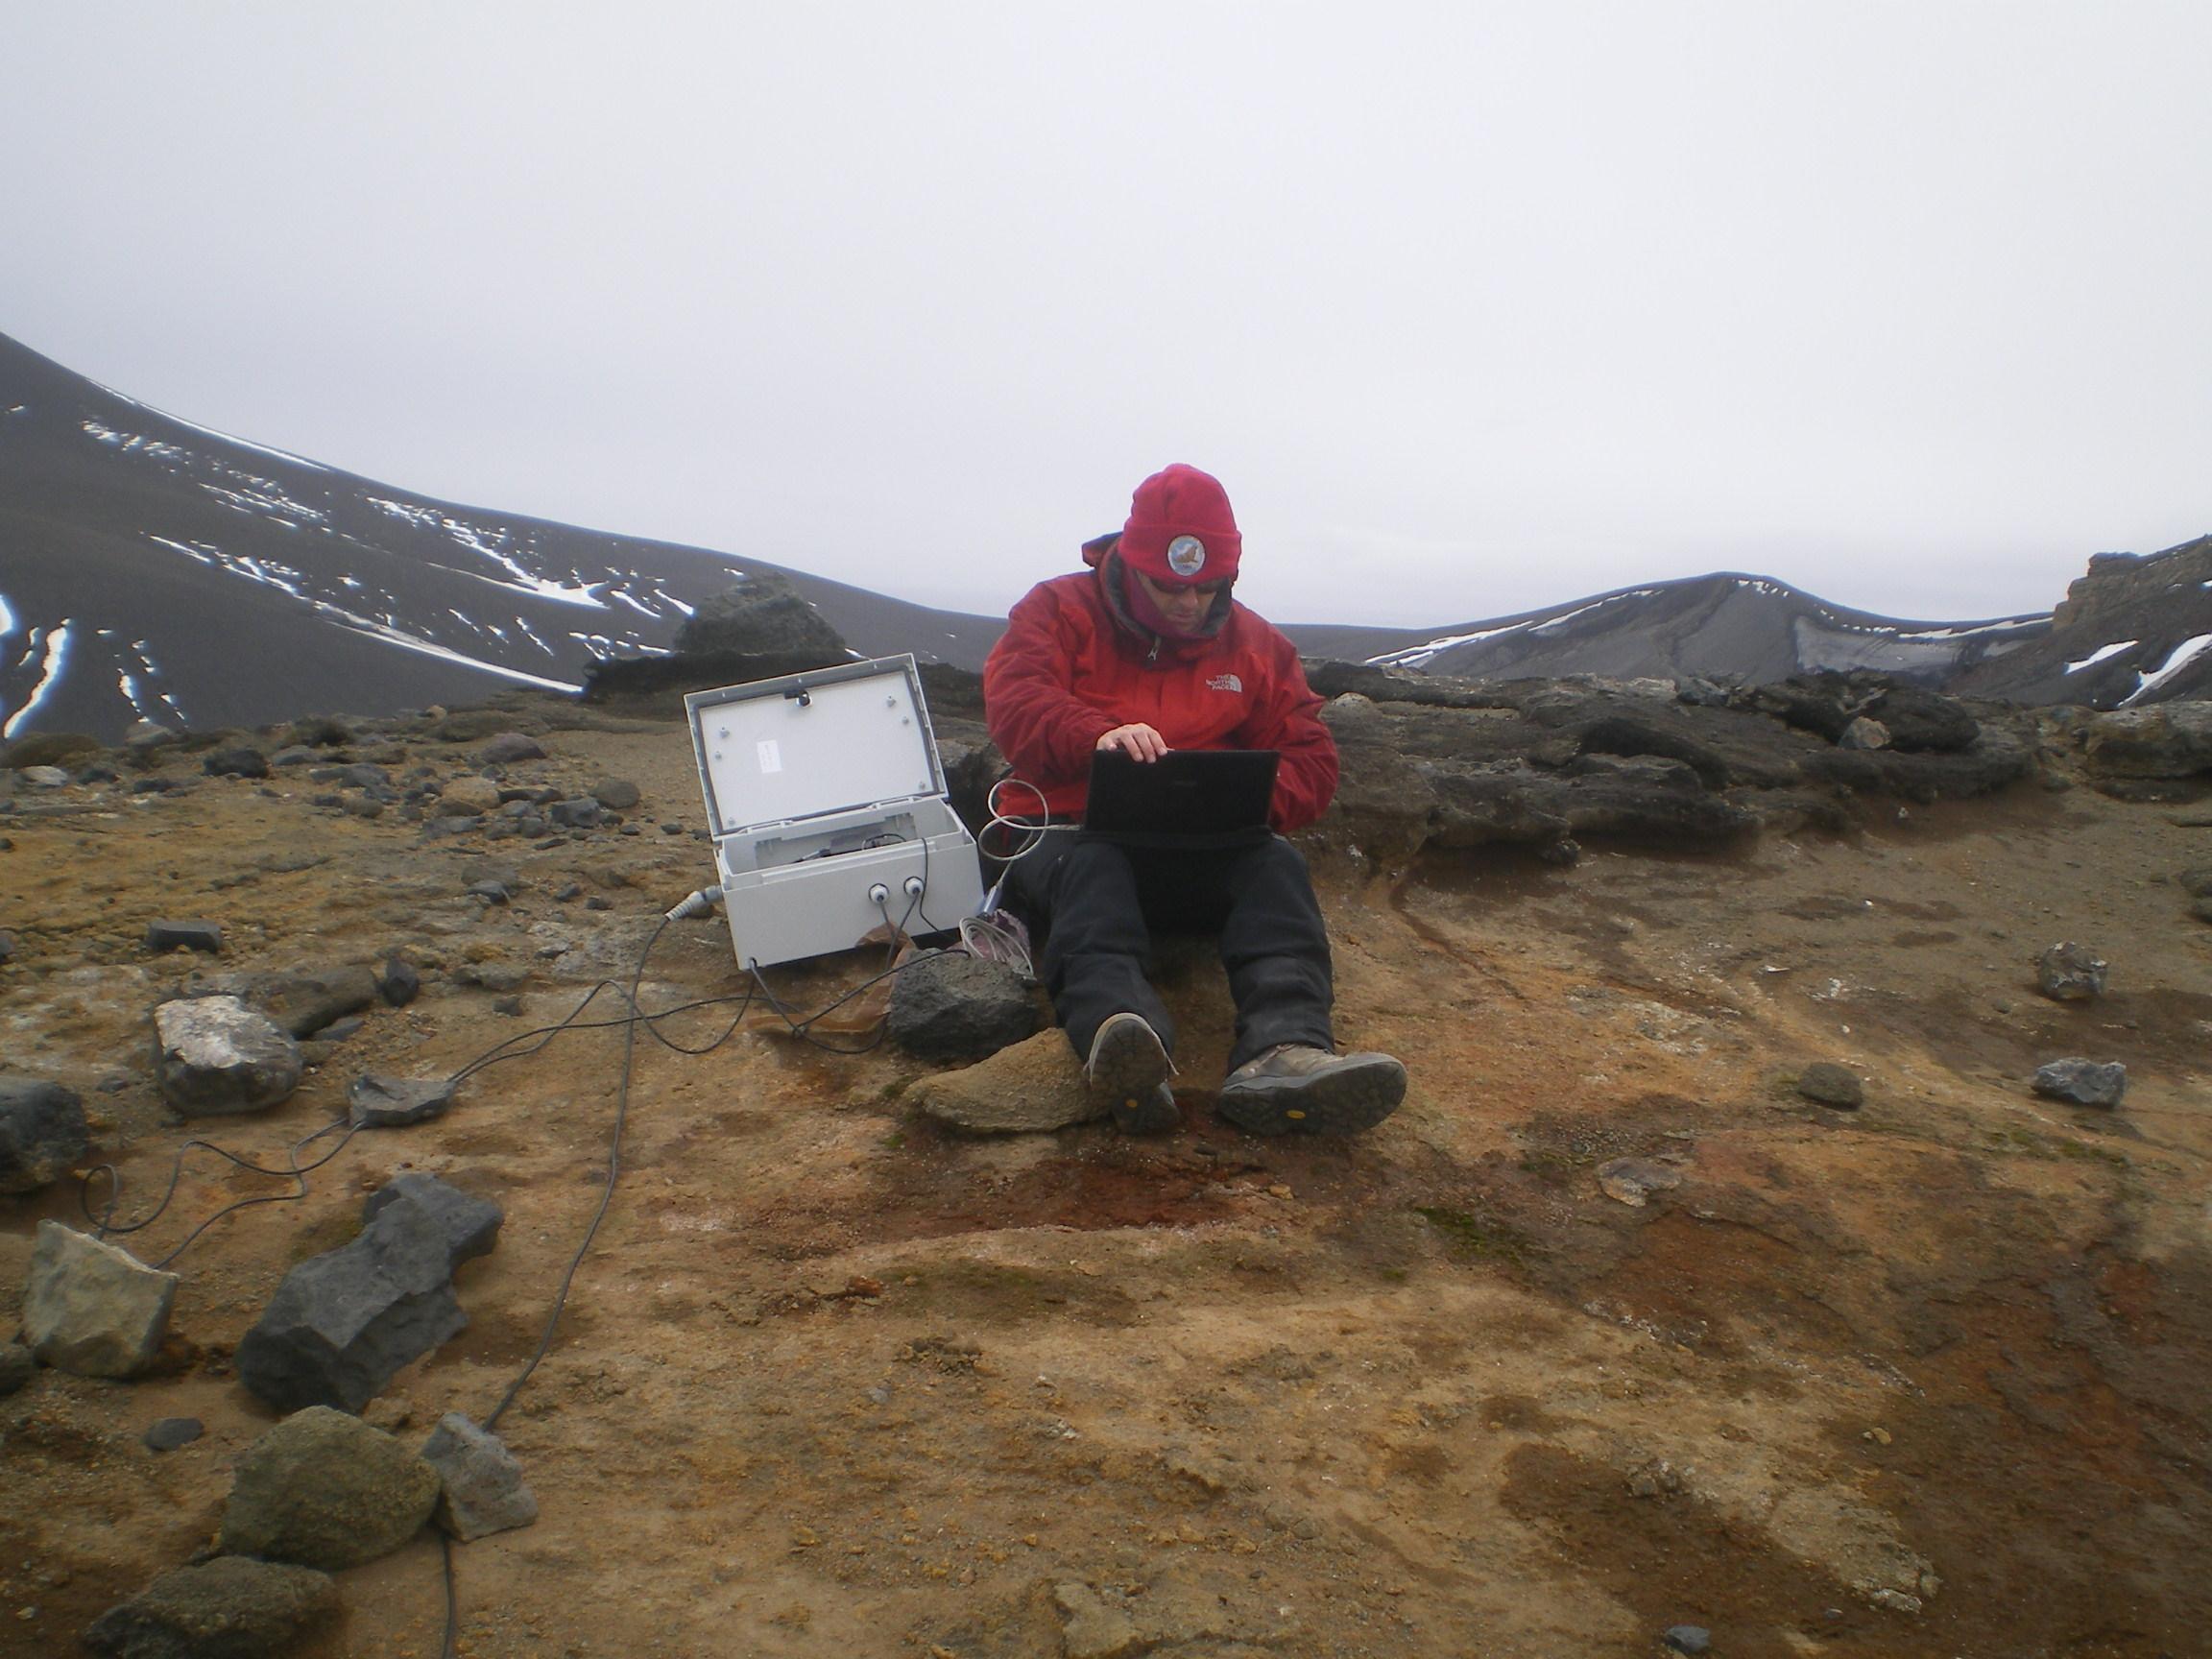 Investigadores desplegando el sistema multiparamétrico de vigilancia volcánica en la isla Decepción 2